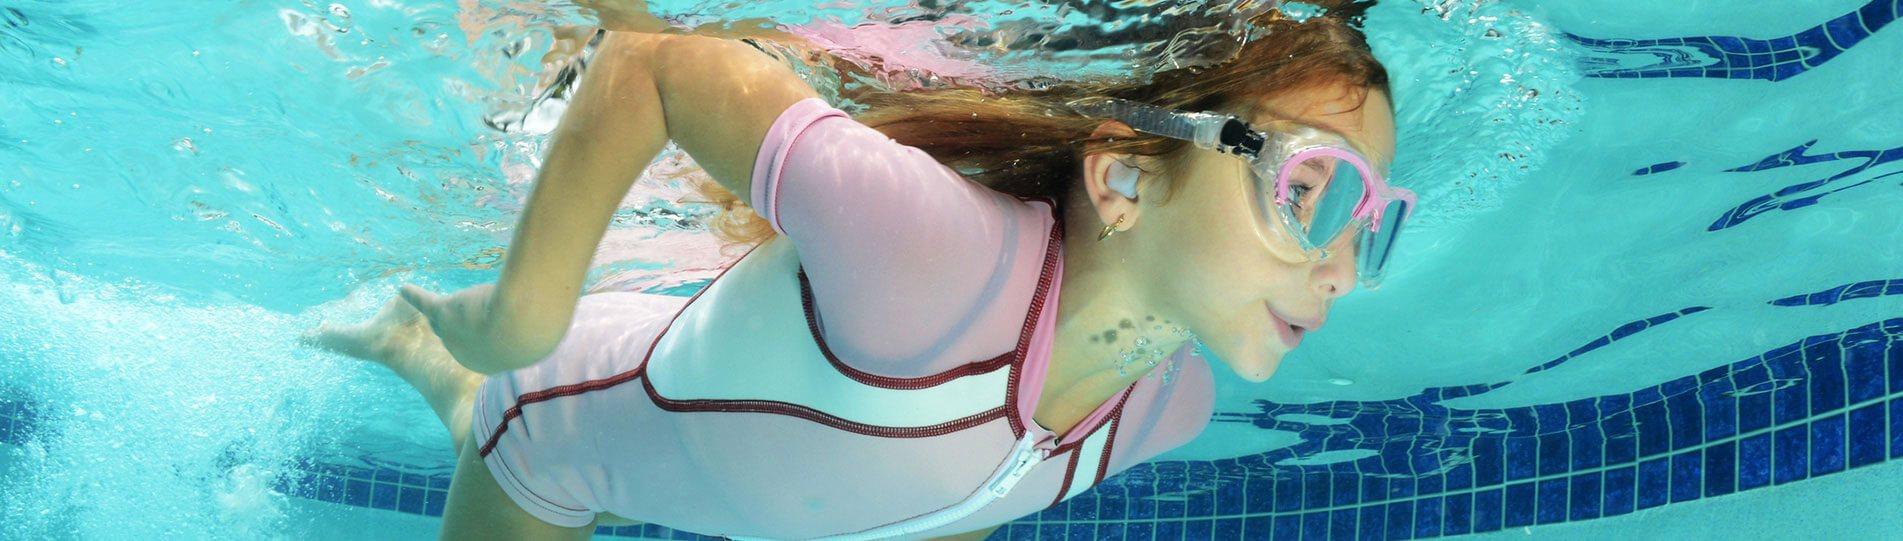 Sorgenfrei schwimmen